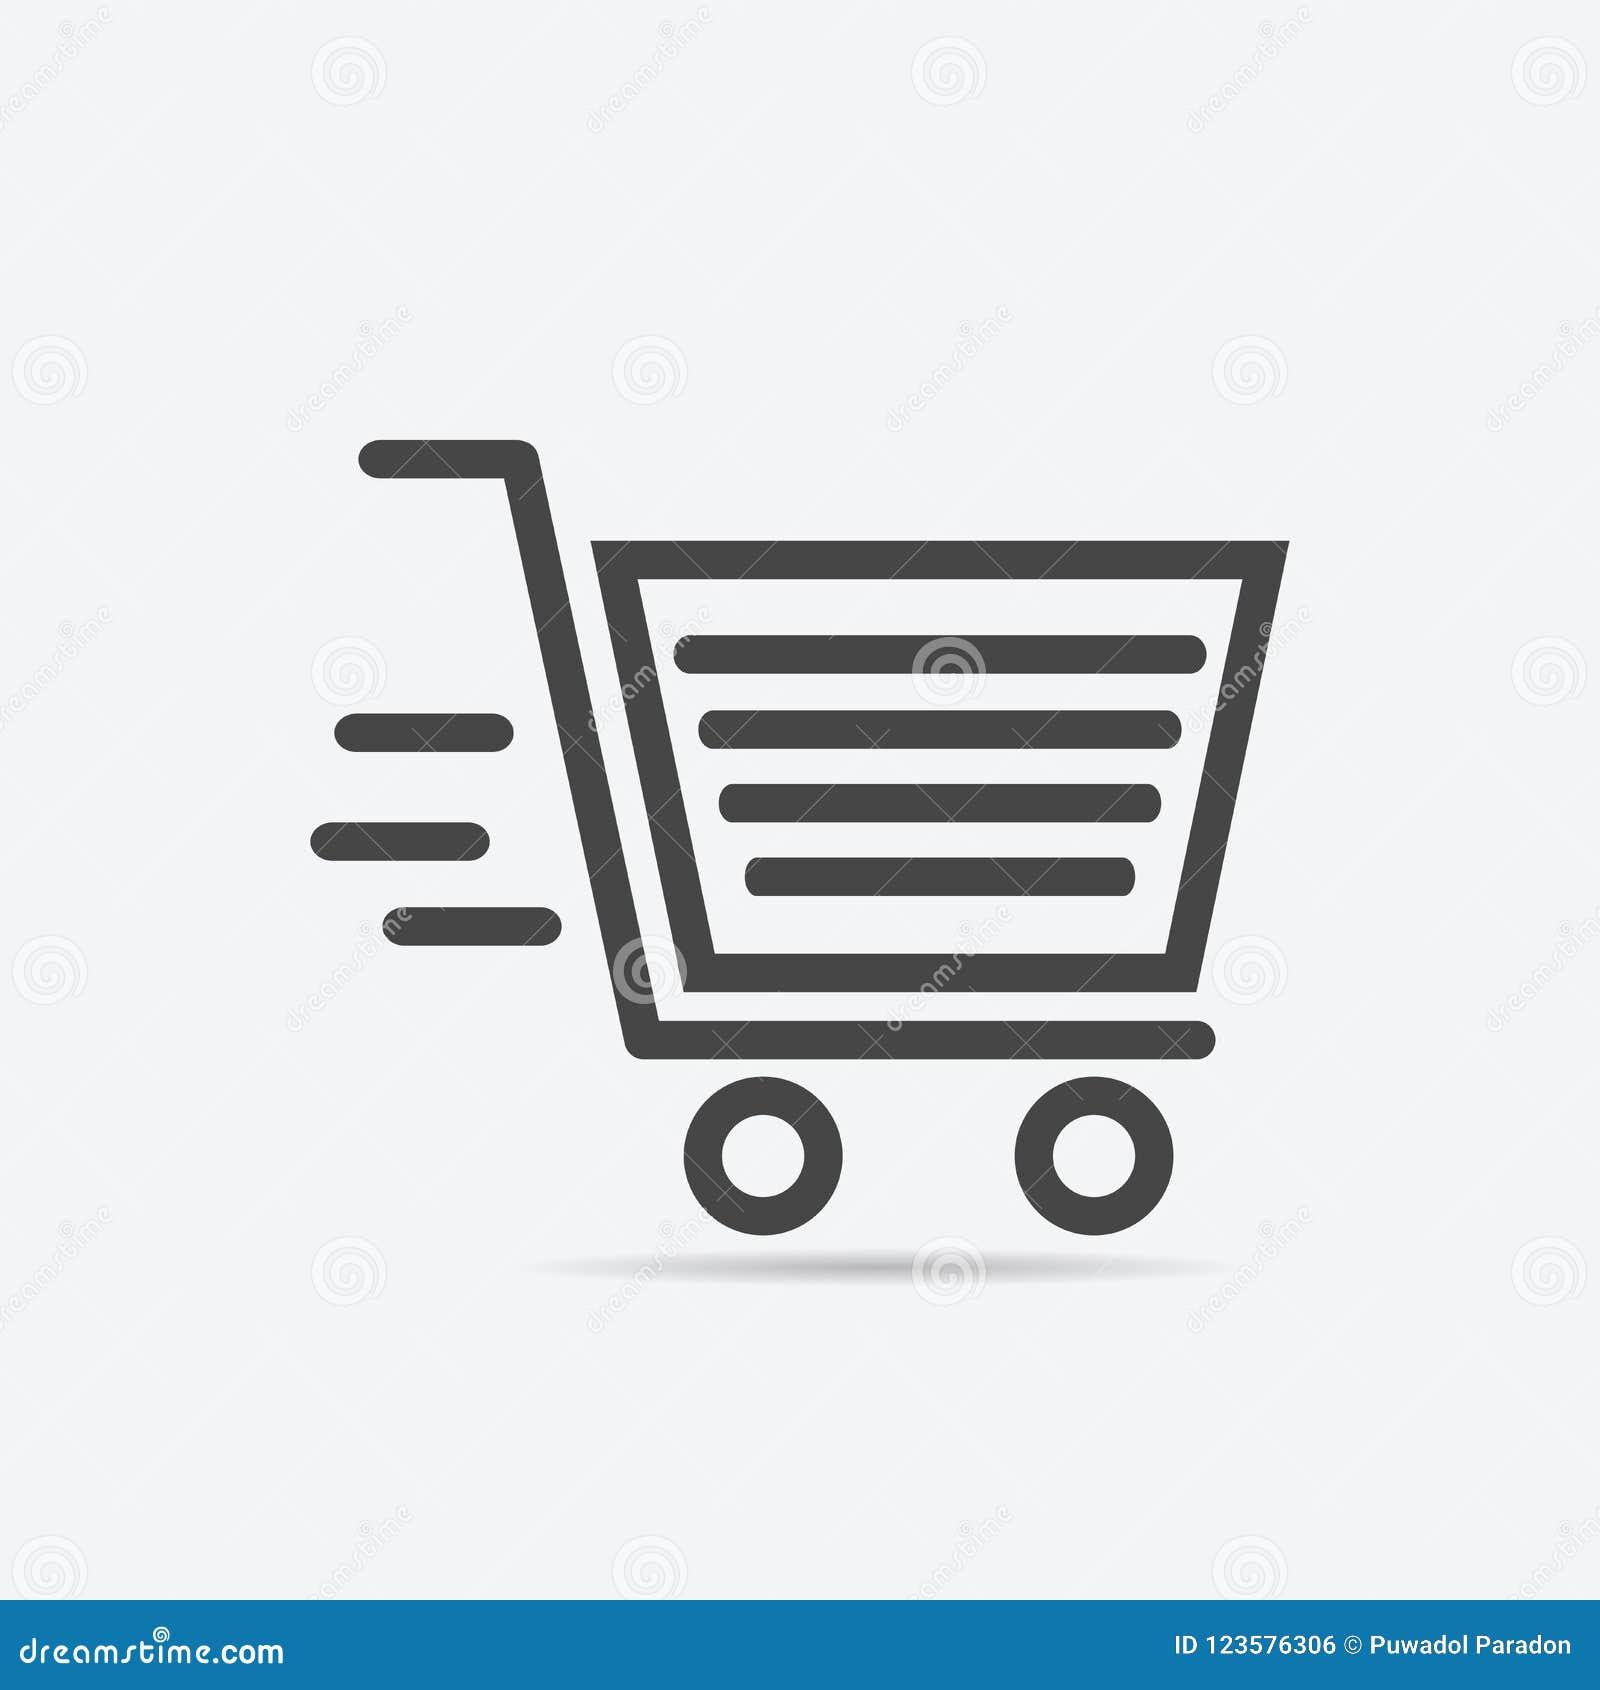 Shopping Basket Icon Flat Style Isolated On Background  Shopping